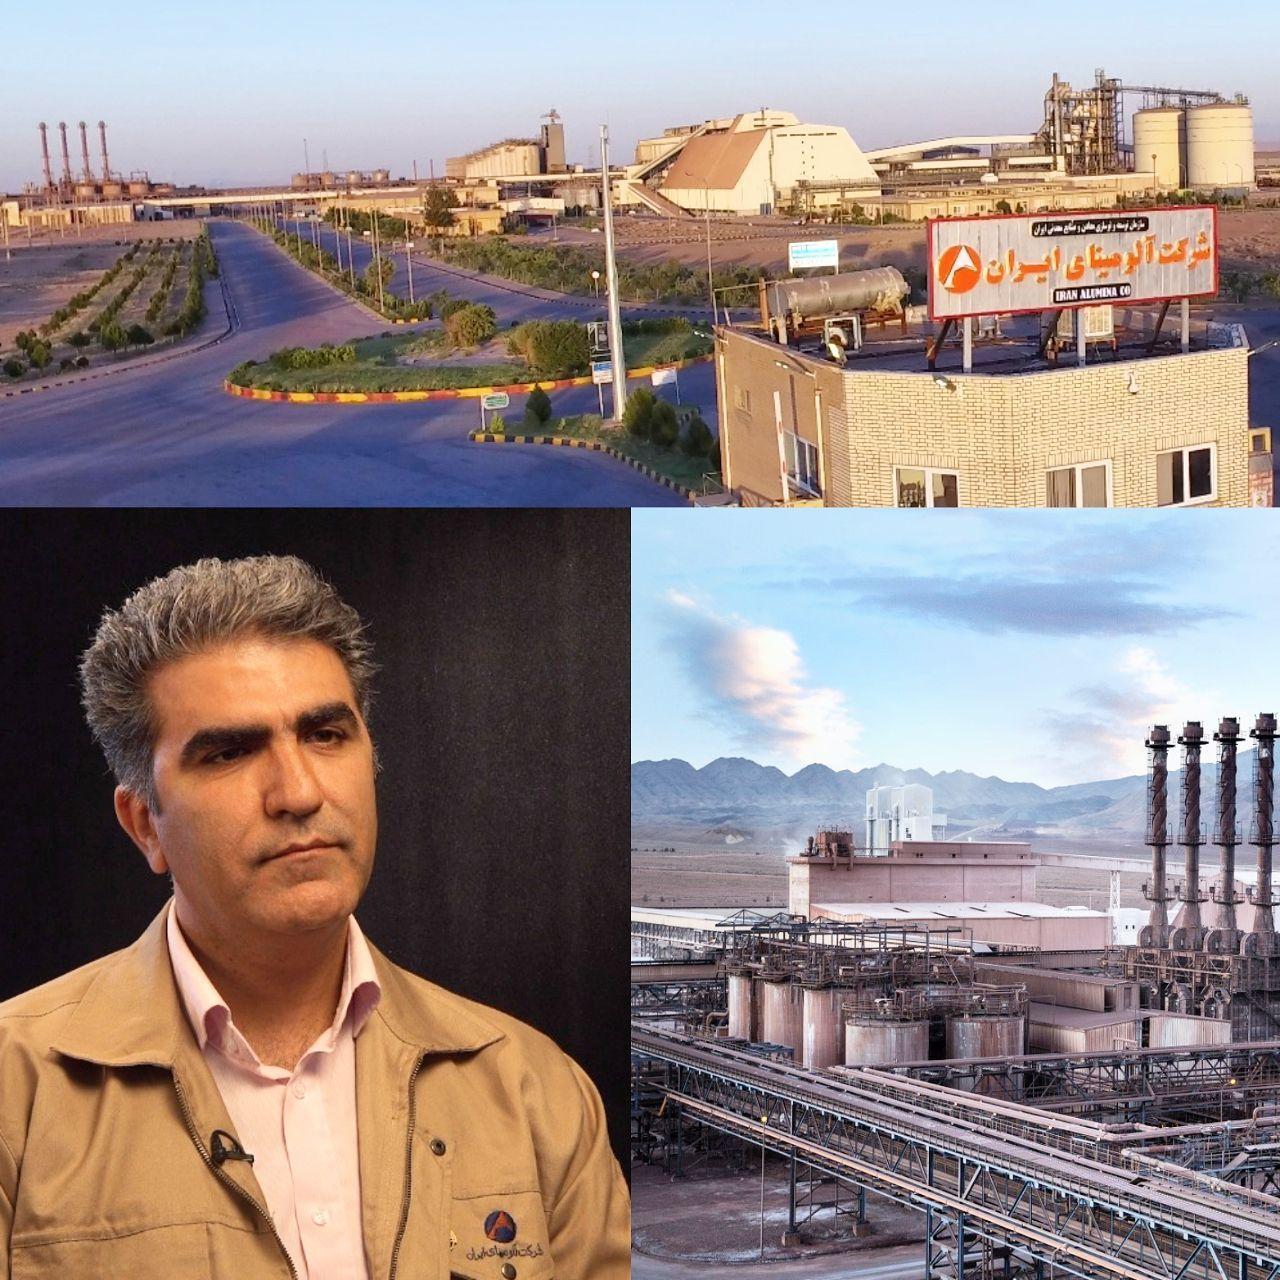 مدیرعامل مجتمع آلومینای ایران: فاز نخست کارخانه آلومینیوم جاجرم در انتظار بهرهبرداری رسمی